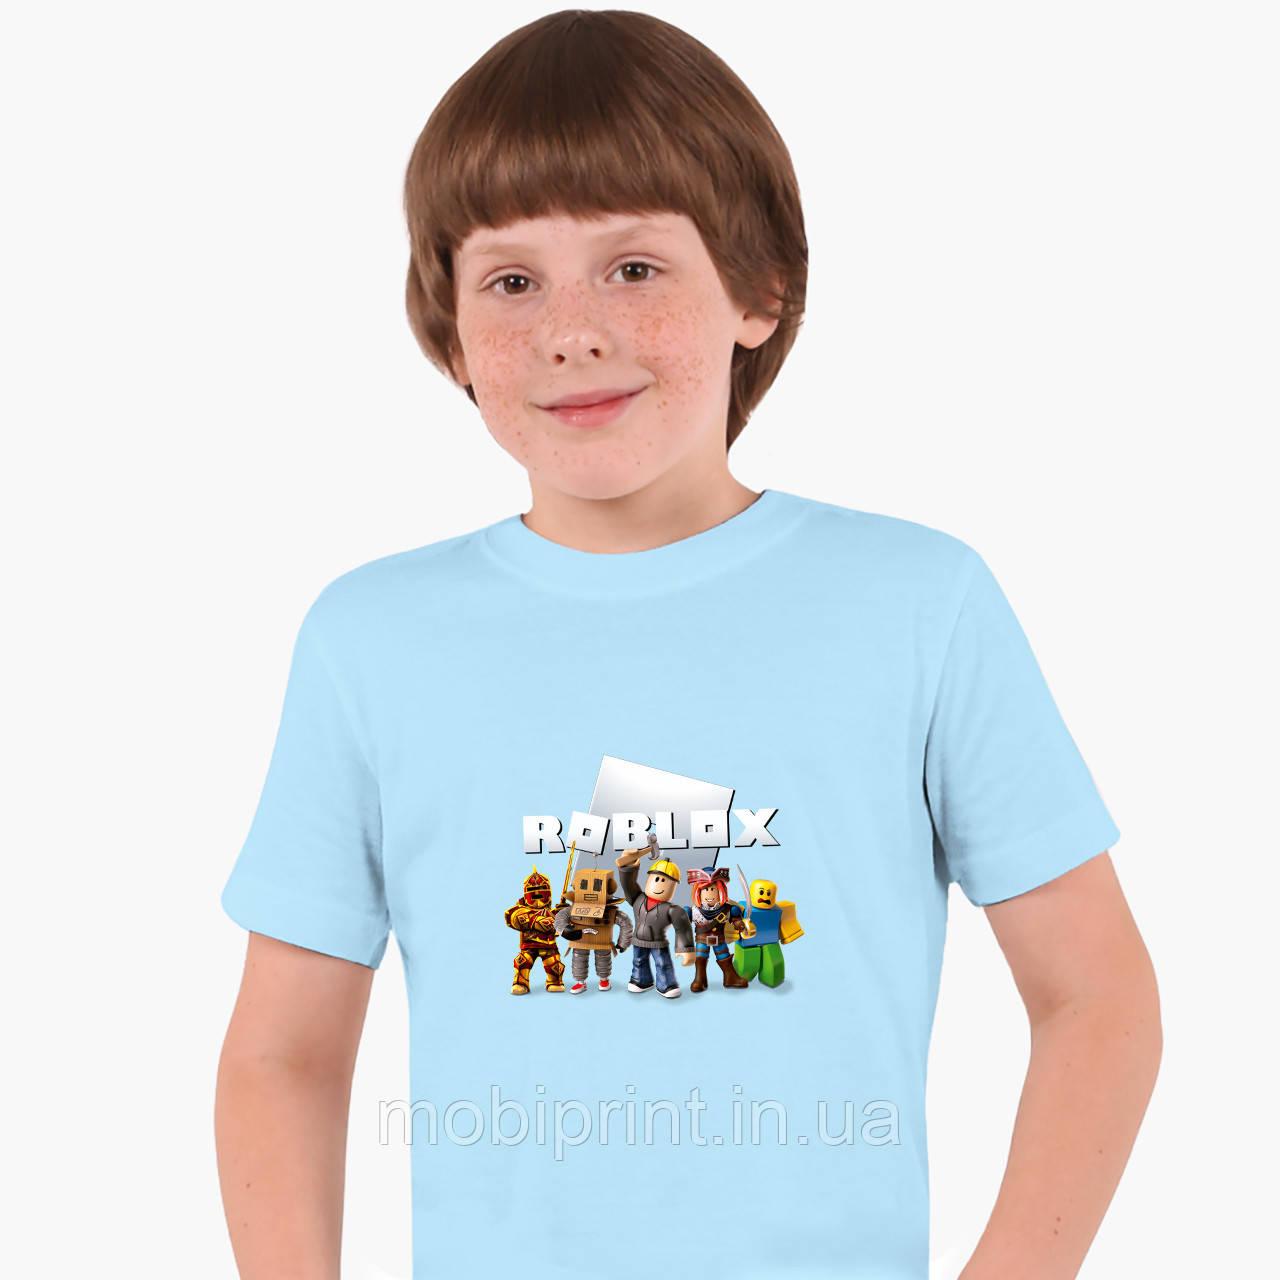 Детская футболка для мальчиков Роблокс (Roblox) (25186-1219) Голубой